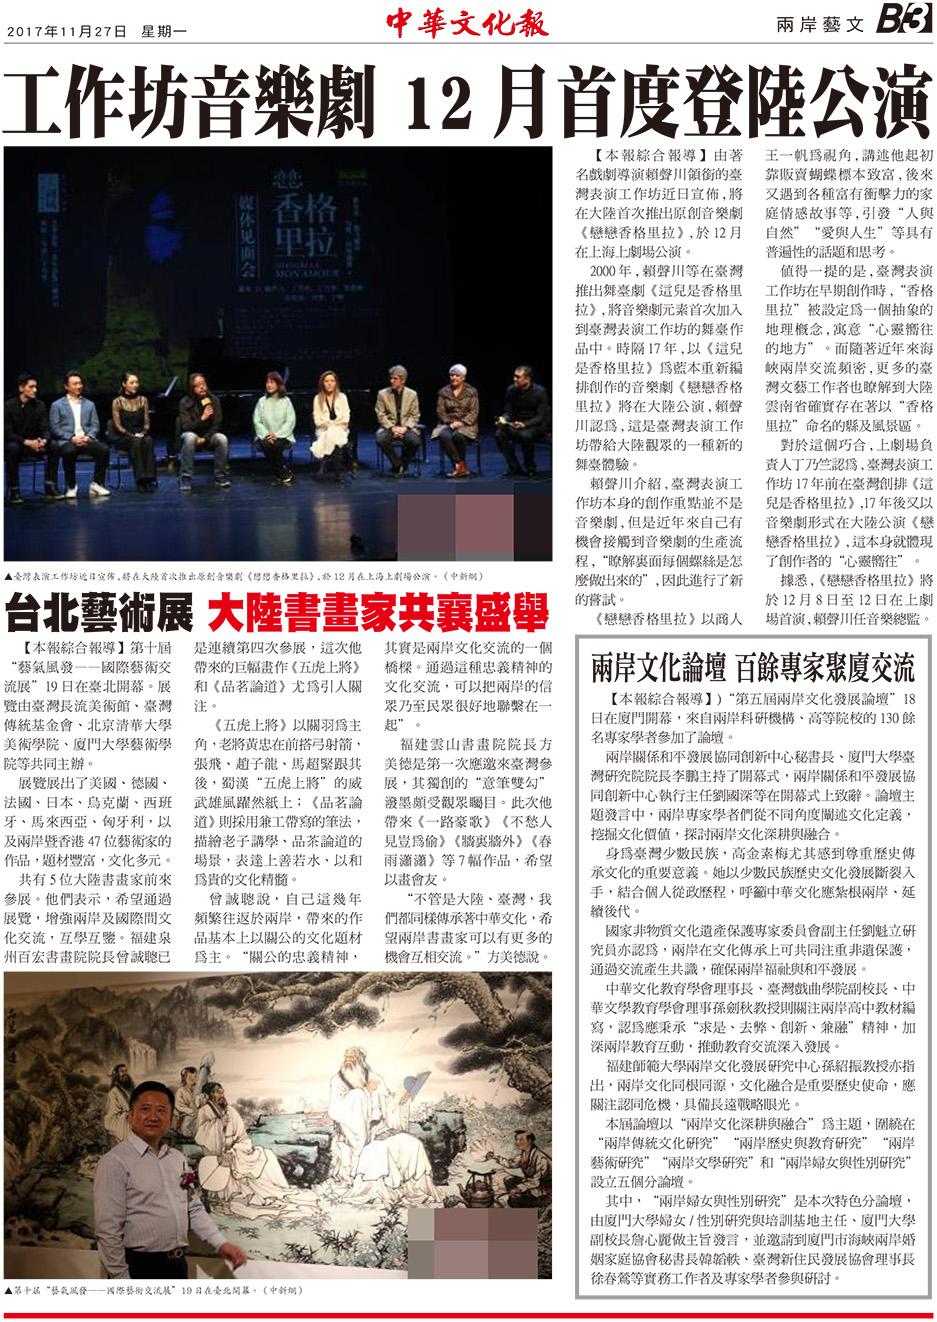 工作坊音樂劇 12 月首度登陸公演